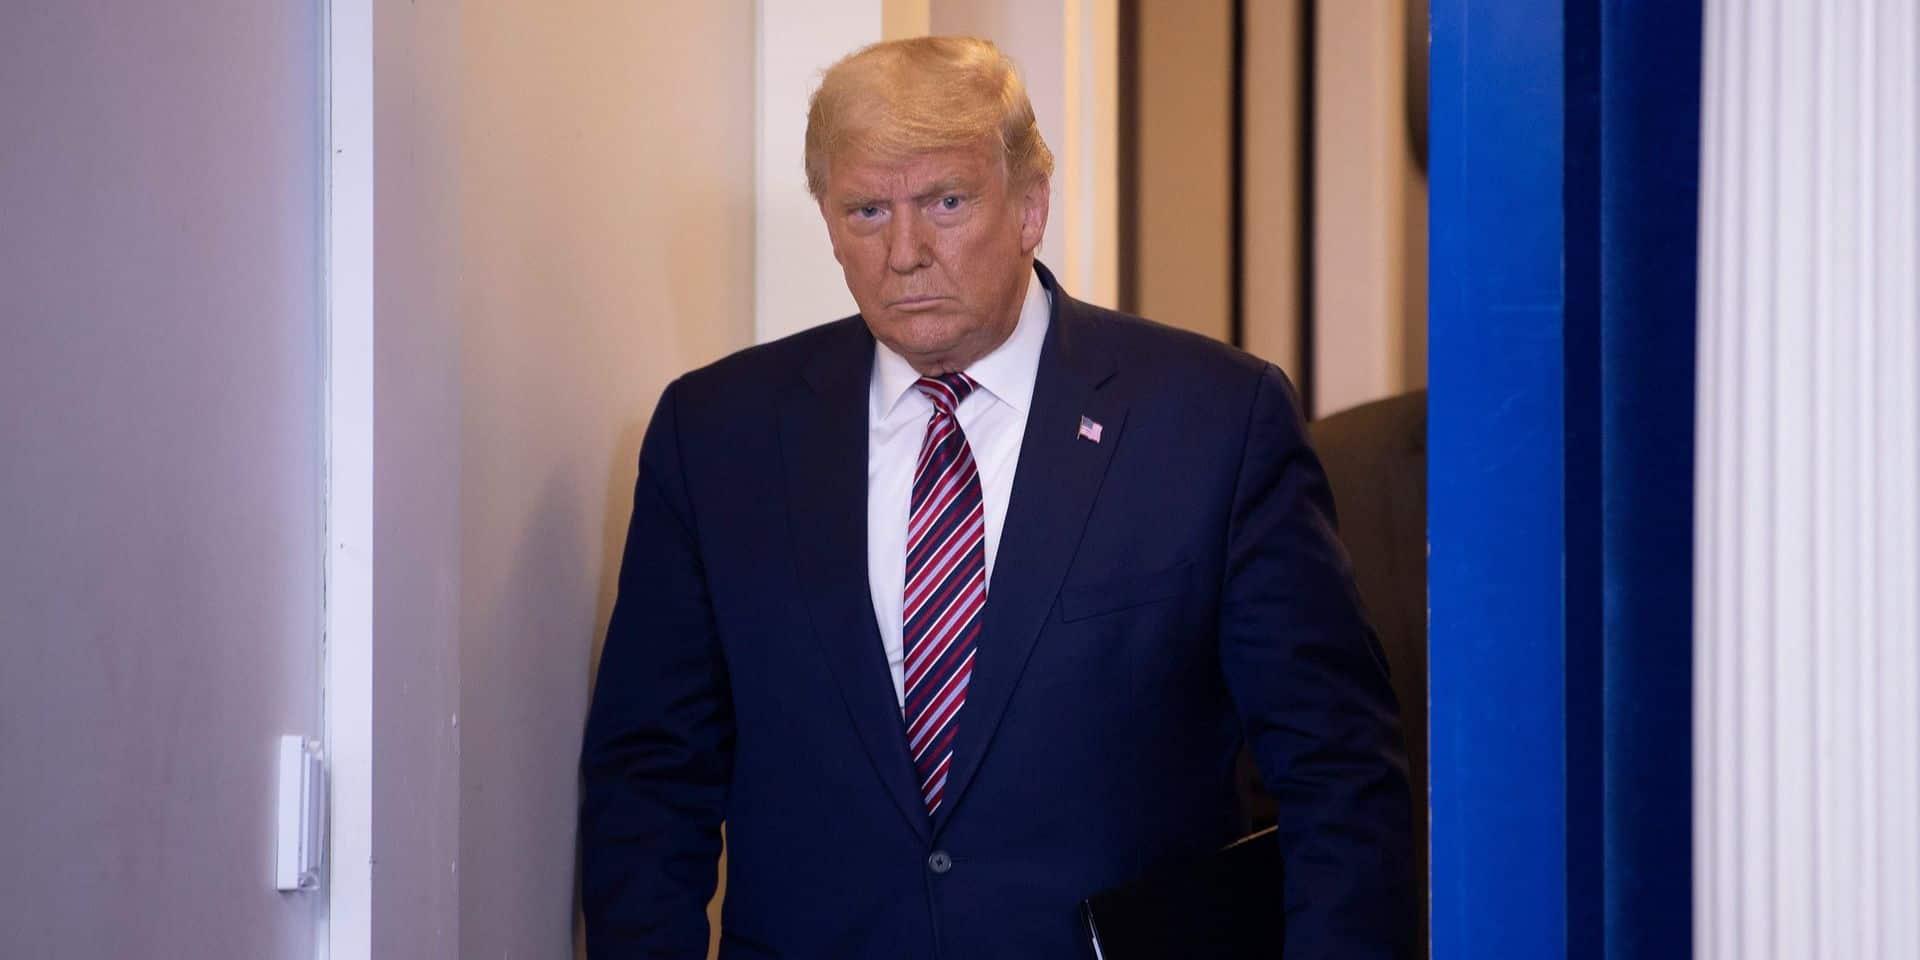 En entamant une guerre juridique, Donald Trump cherche à miner la confiance envers la démocratie américaine